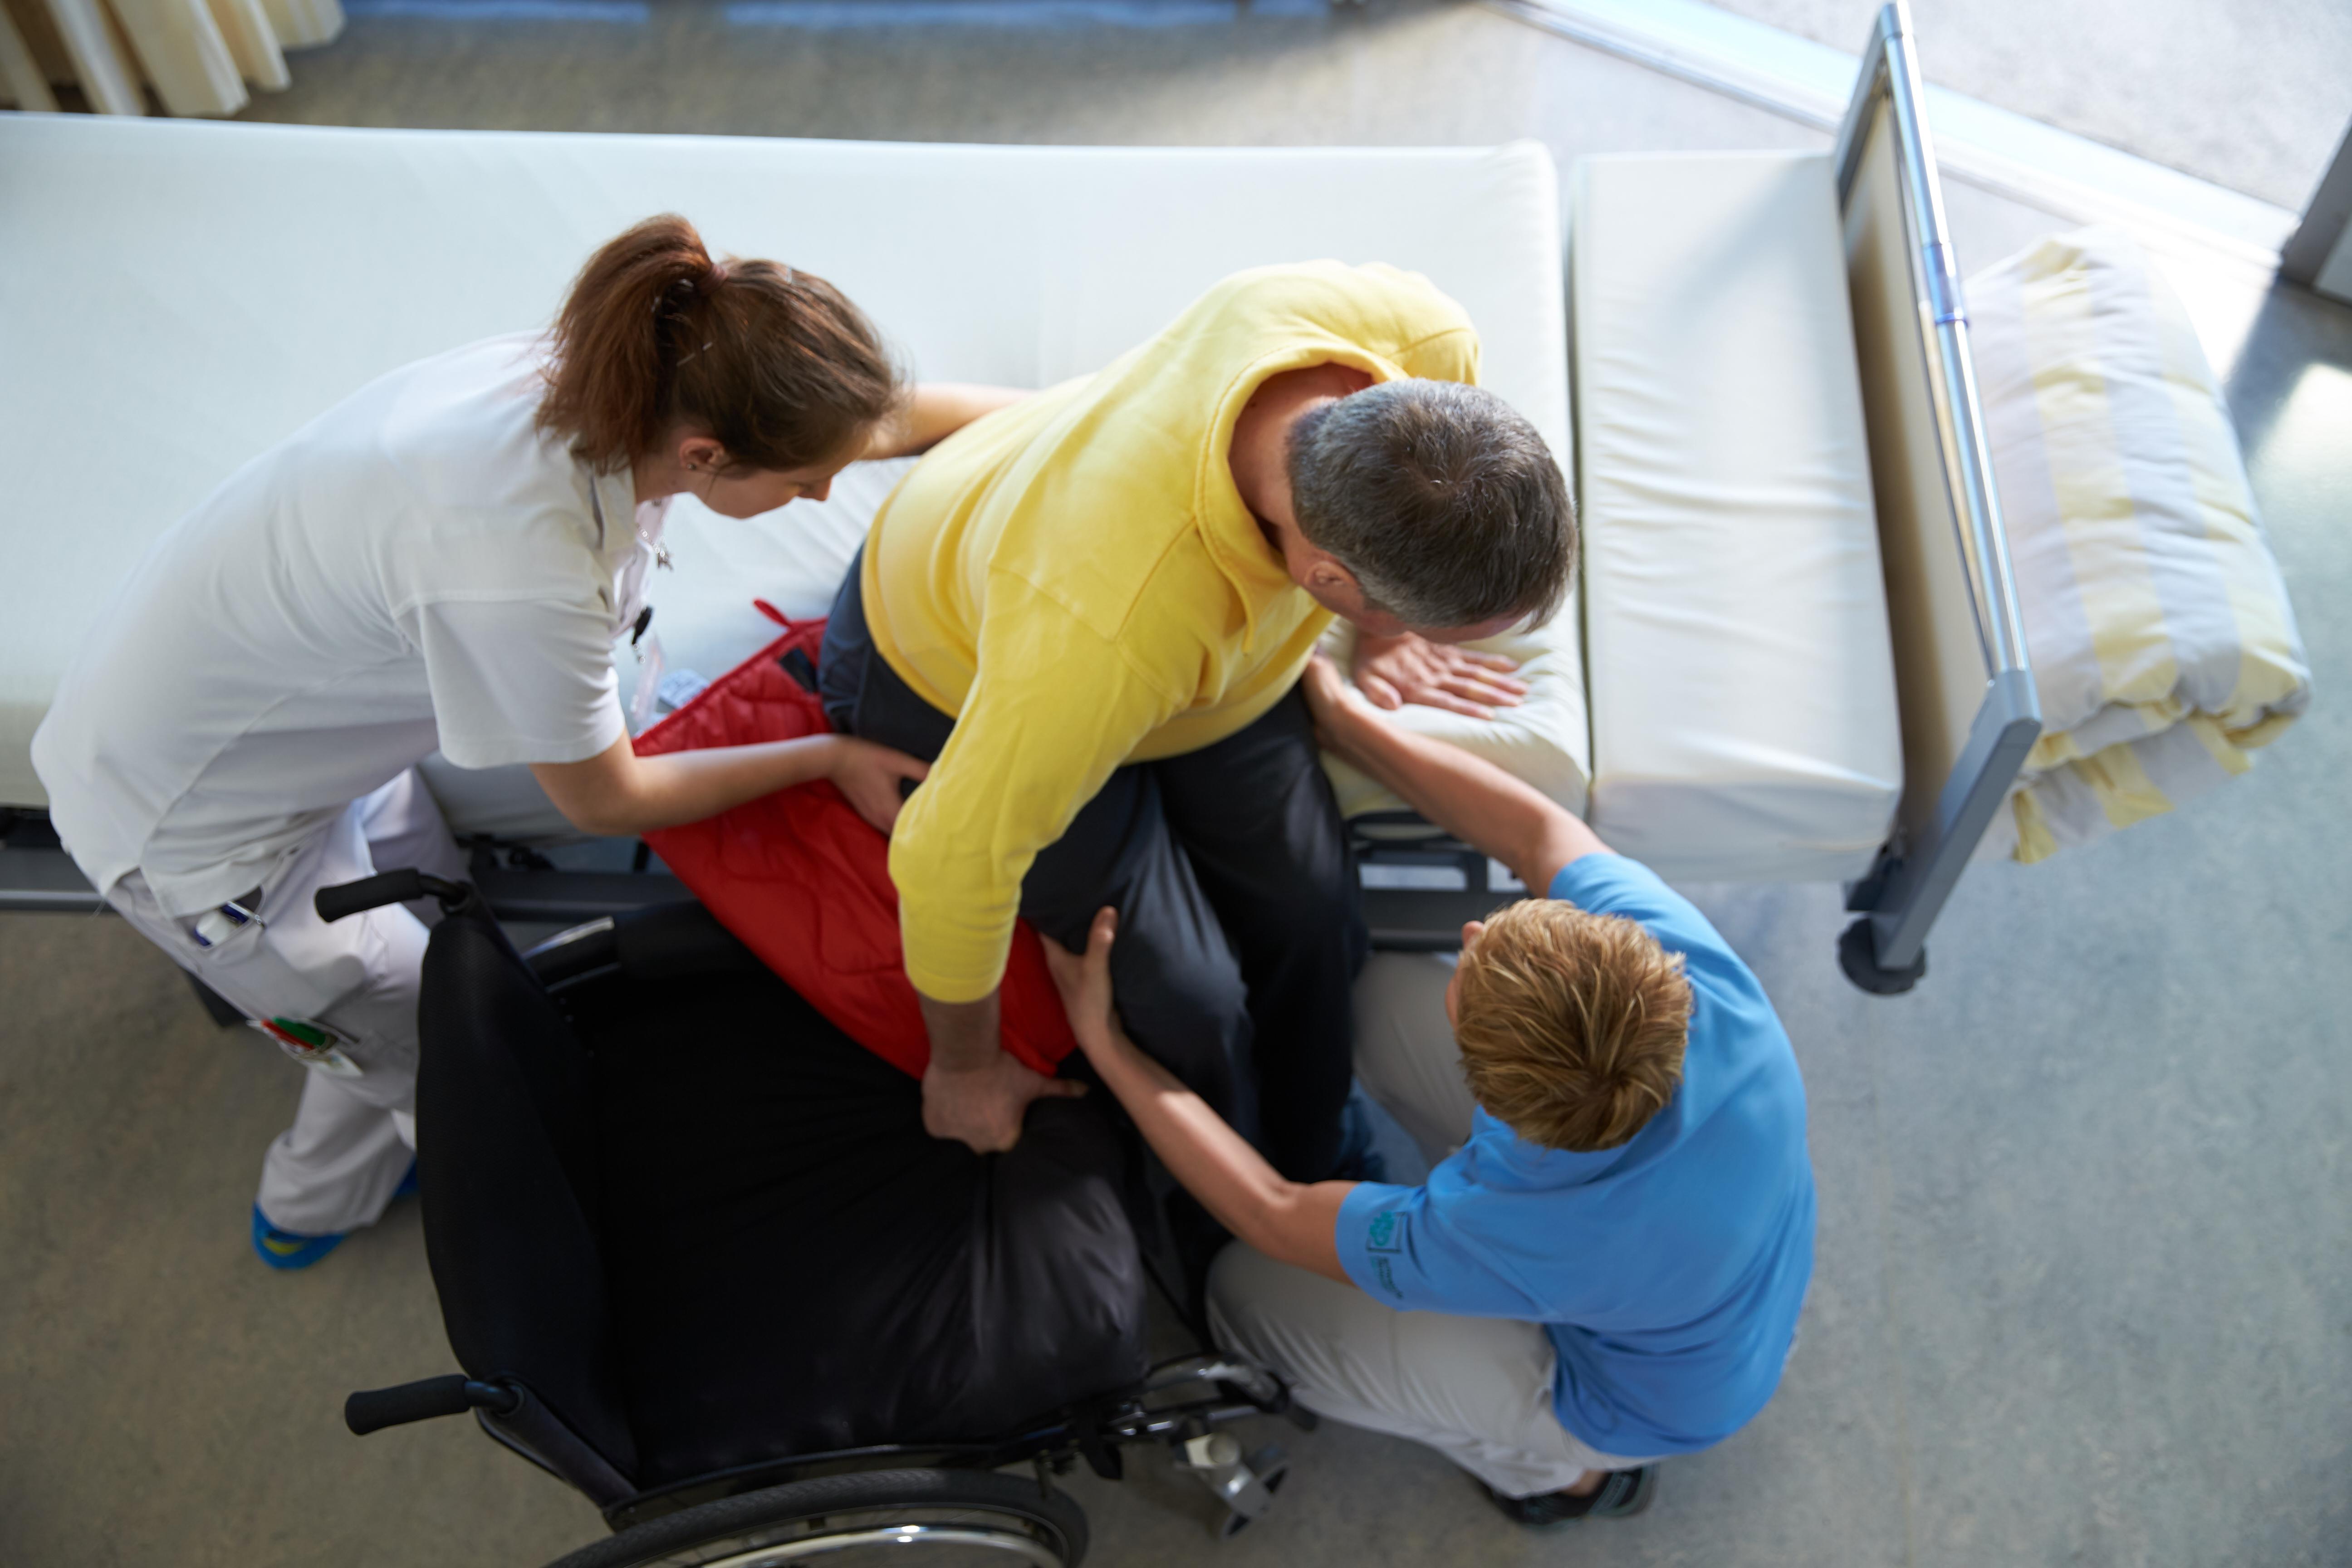 Centro svizzero per paraplegici_trasferimento in auto